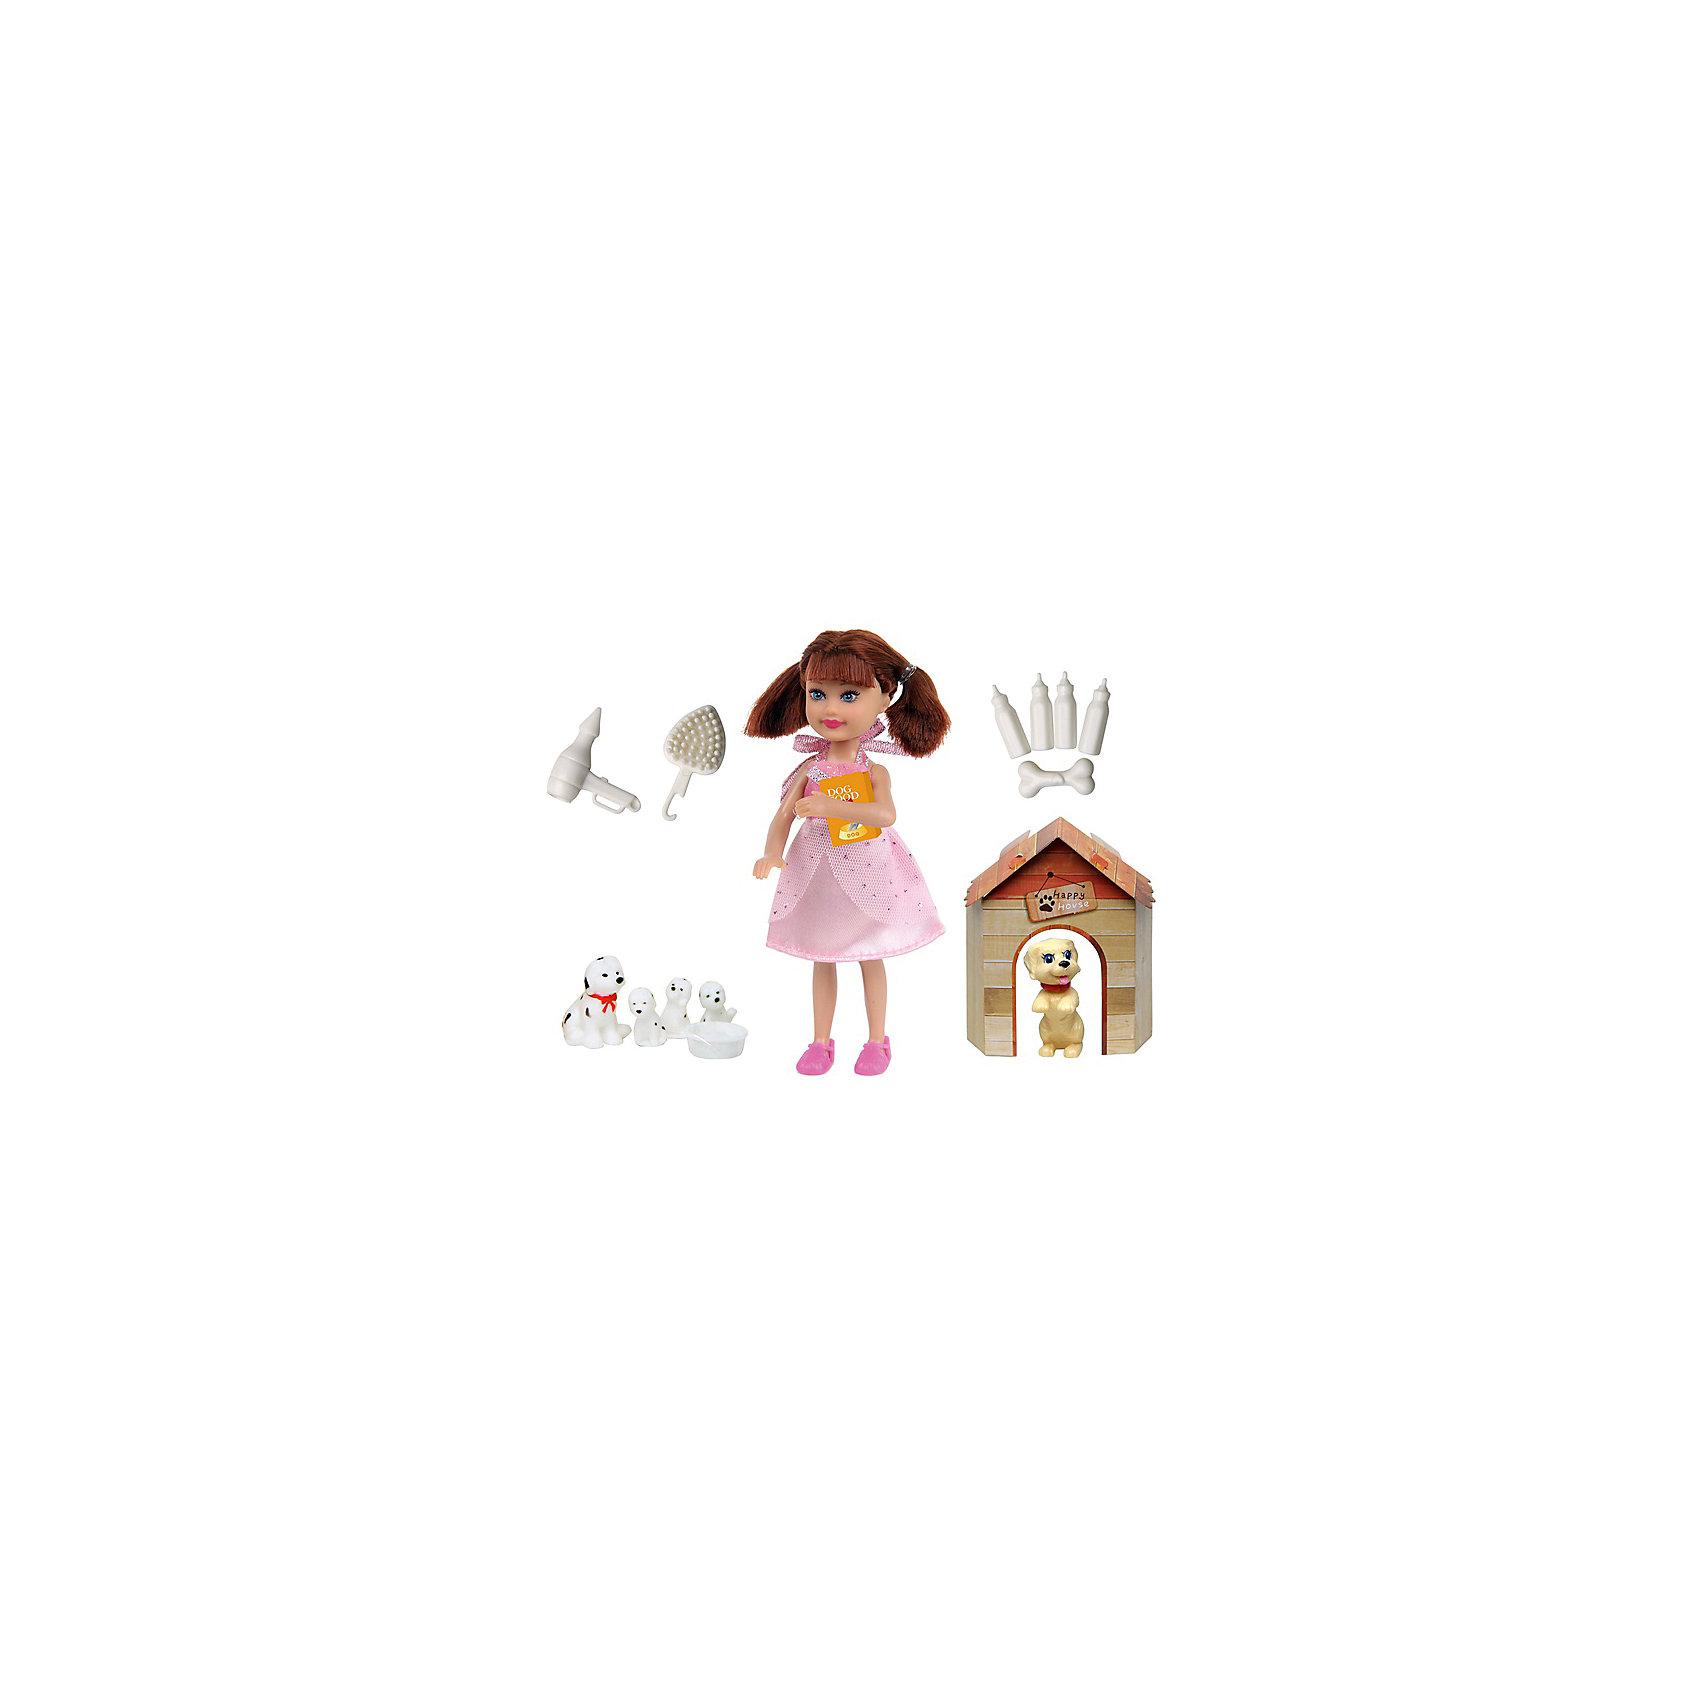 Кукла Любимый питомец, 14 см, Defa LucyКуклы-модели<br>Характеристики товара:<br><br>• возраст от 3 лет;<br>• материал: пластик, текстиль;<br>• в комплекте: кукла, большая собачка, маленькая собачка, 3 щенка, будка, бутылочки, косточка, фен, расчёска, миска, корм для собак;<br>• высота куклы 14 см;<br>• размер упаковки 27,5х17х16 см;<br>• вес упаковки 190 гр.;<br>• страна производитель: Китай.<br><br>Кукла «Любимый питомец» Defa Lucy — озорная девочка, которая любит играть со своими питомцами. Она также заботится о них каждый день, приносит им корм и насыпает в миску. Собачки живут в уютном домике-будке. У куклы мягкие волосы, которые можно расчесывать, украшать и заплетать.<br><br>Куклу «Любимый питомец» Defa Lucy можно приобрести в нашем интернет-магазине.<br><br>Ширина мм: 275<br>Глубина мм: 160<br>Высота мм: 170<br>Вес г: 190<br>Возраст от месяцев: 36<br>Возраст до месяцев: 72<br>Пол: Женский<br>Возраст: Детский<br>SKU: 5581299